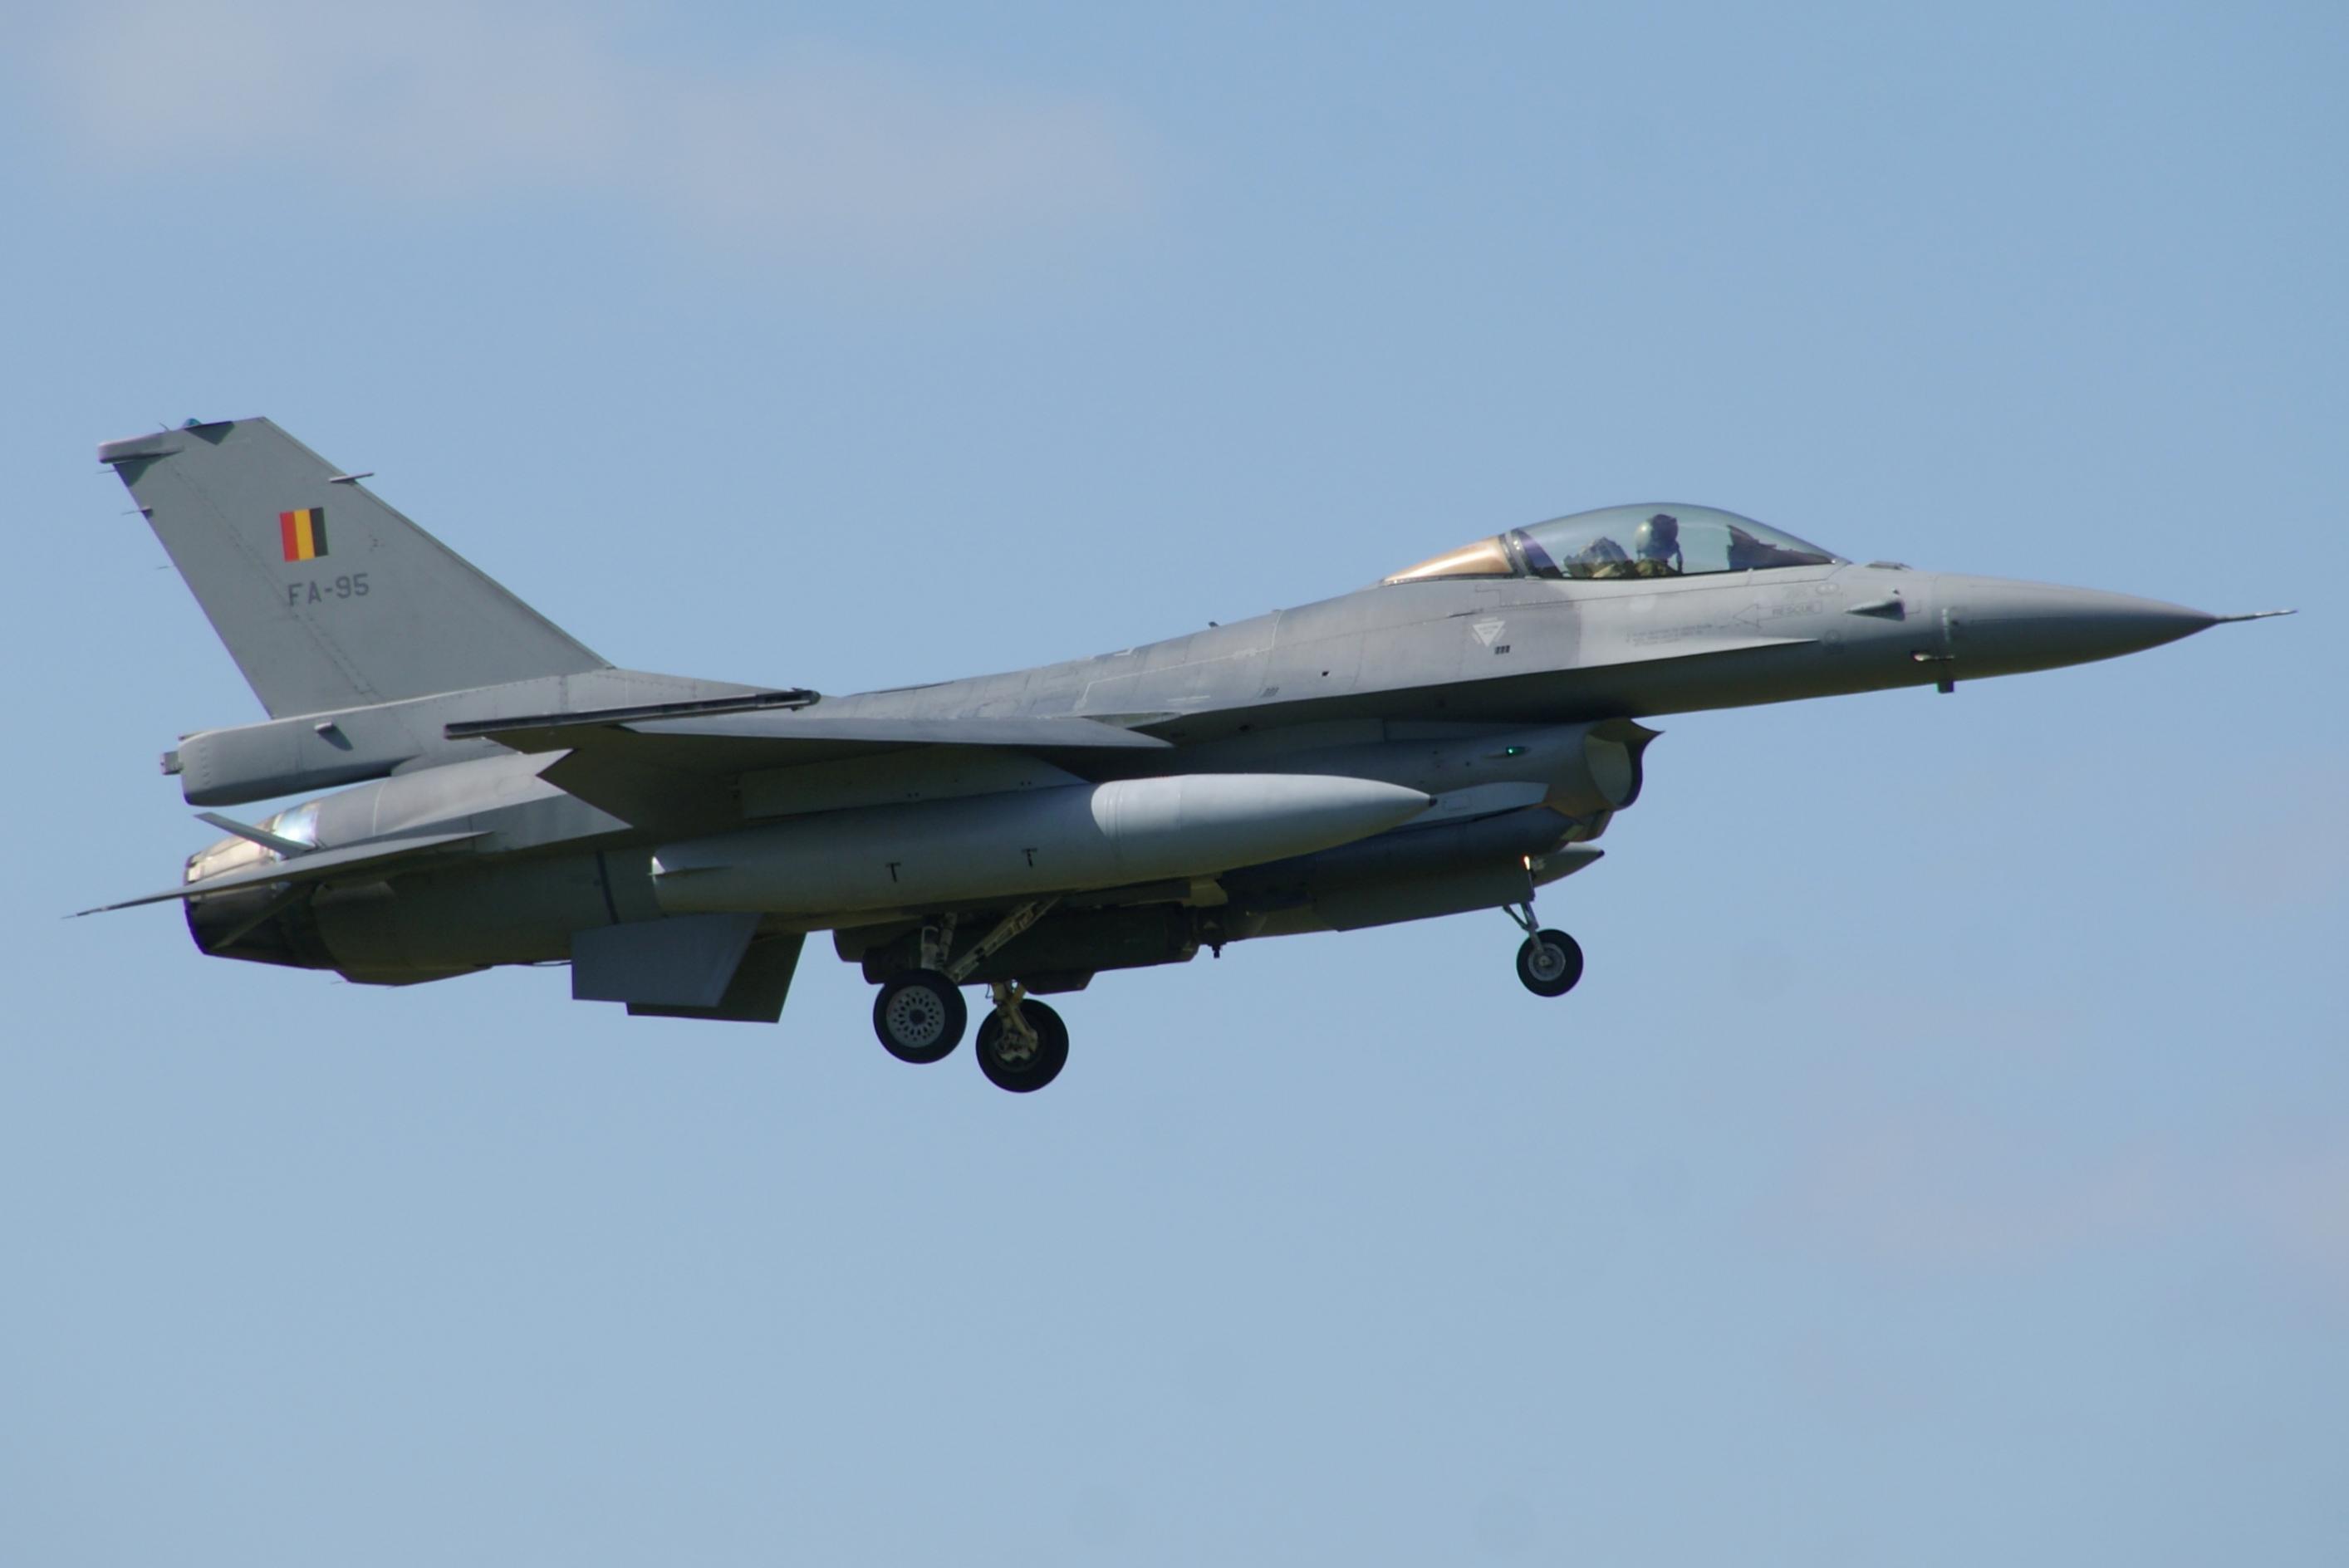 Naam: FA-95 NK.jpg Bekeken: 395 Grootte: 145,0 KB